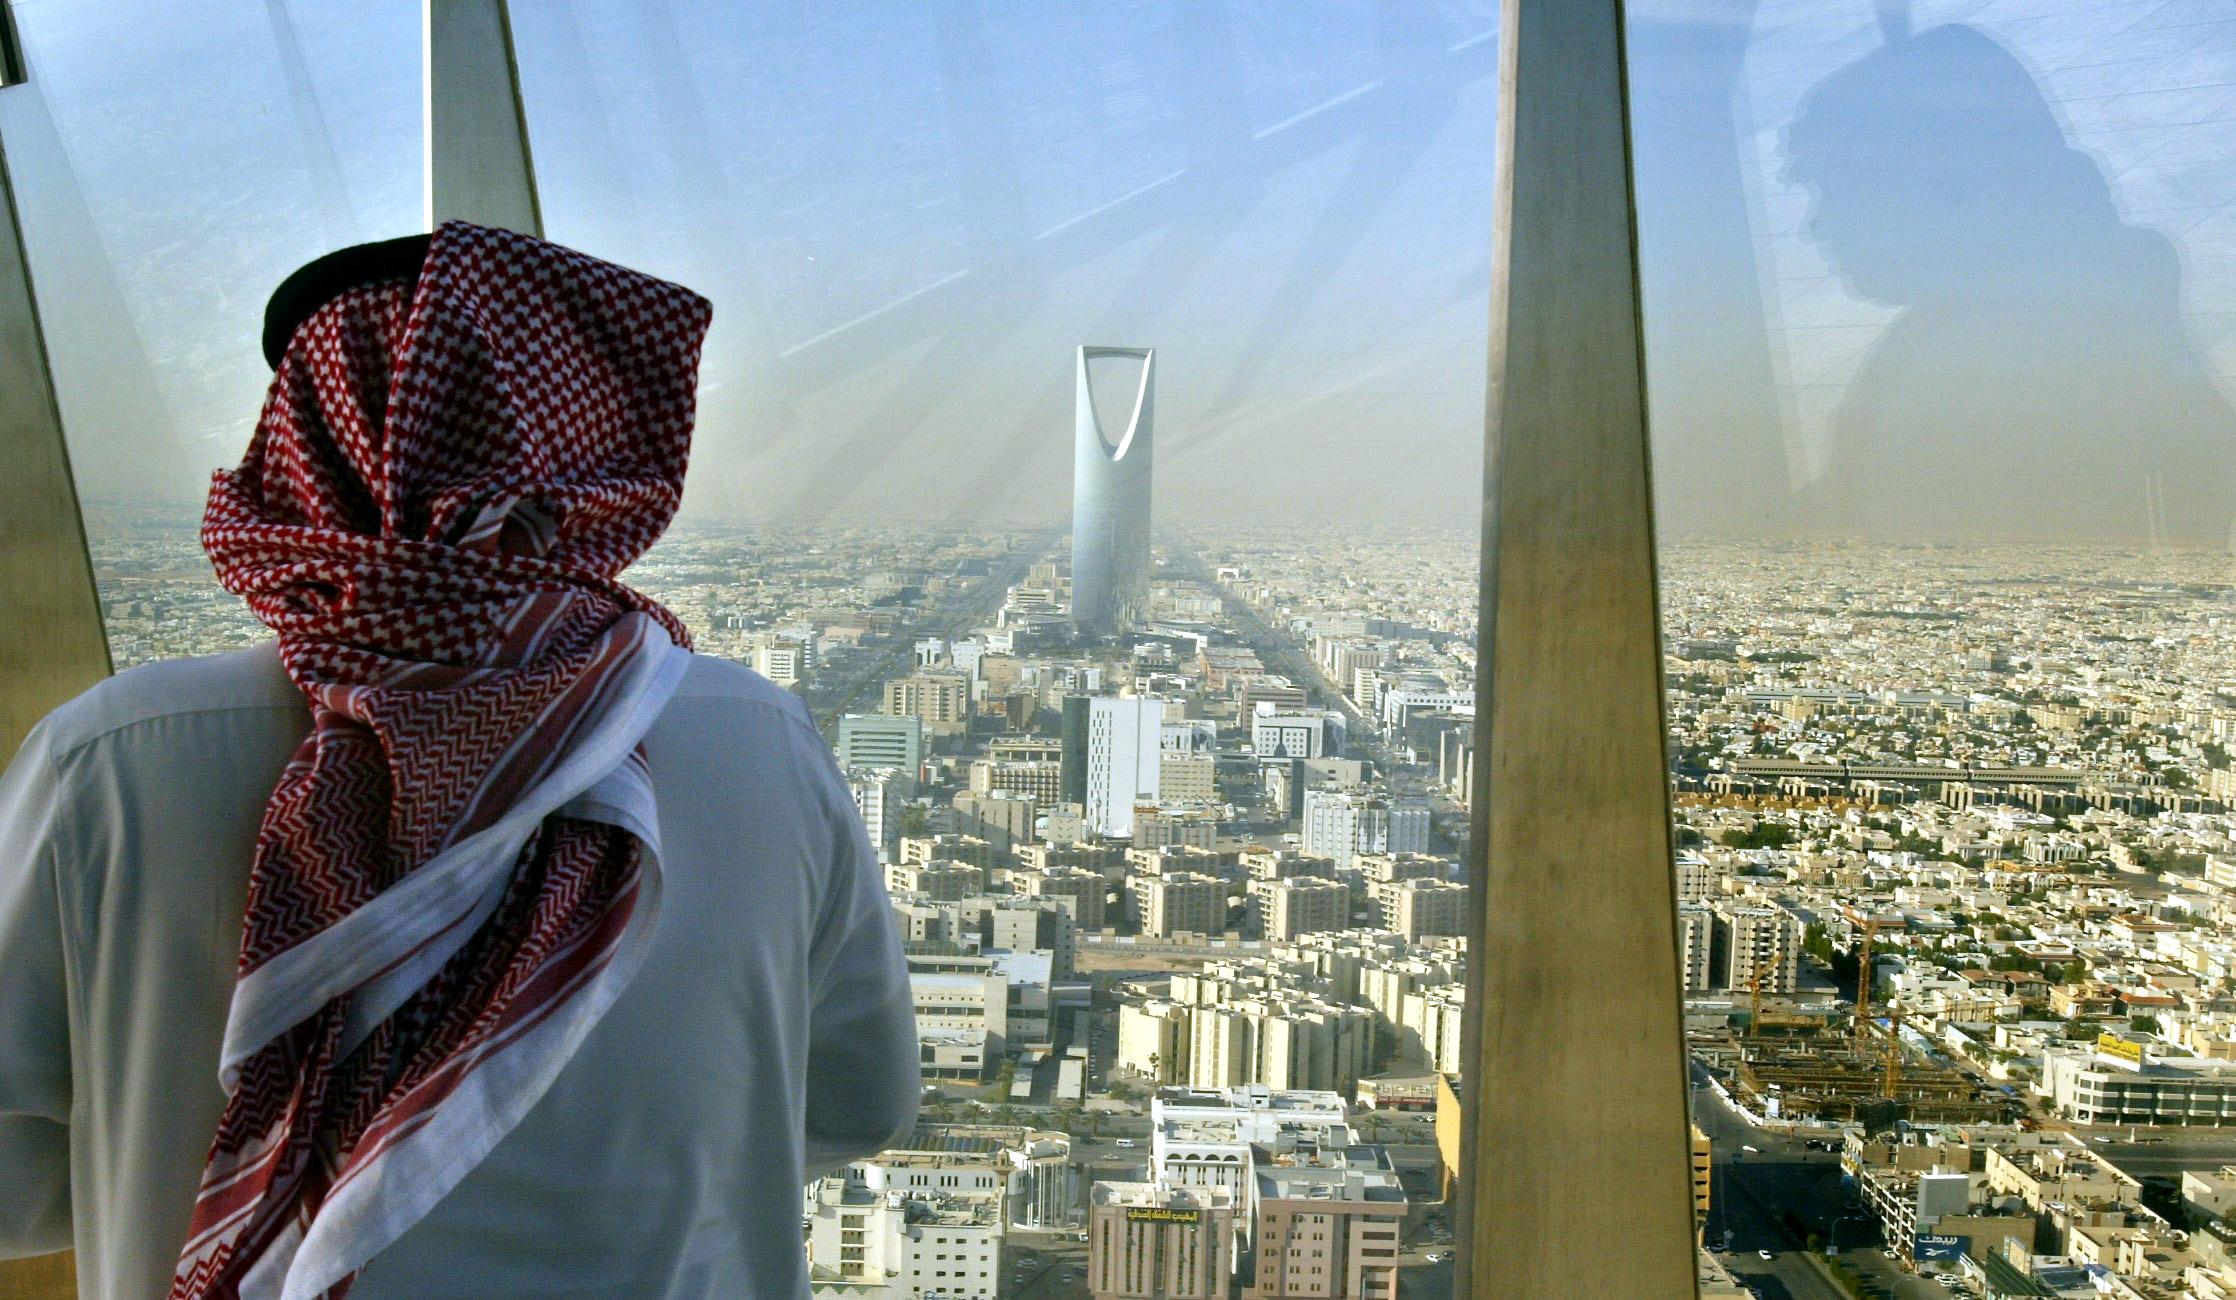 بعد ارتفاع معدل الإصابات.. السعودية تفرض قيوداً جديدة